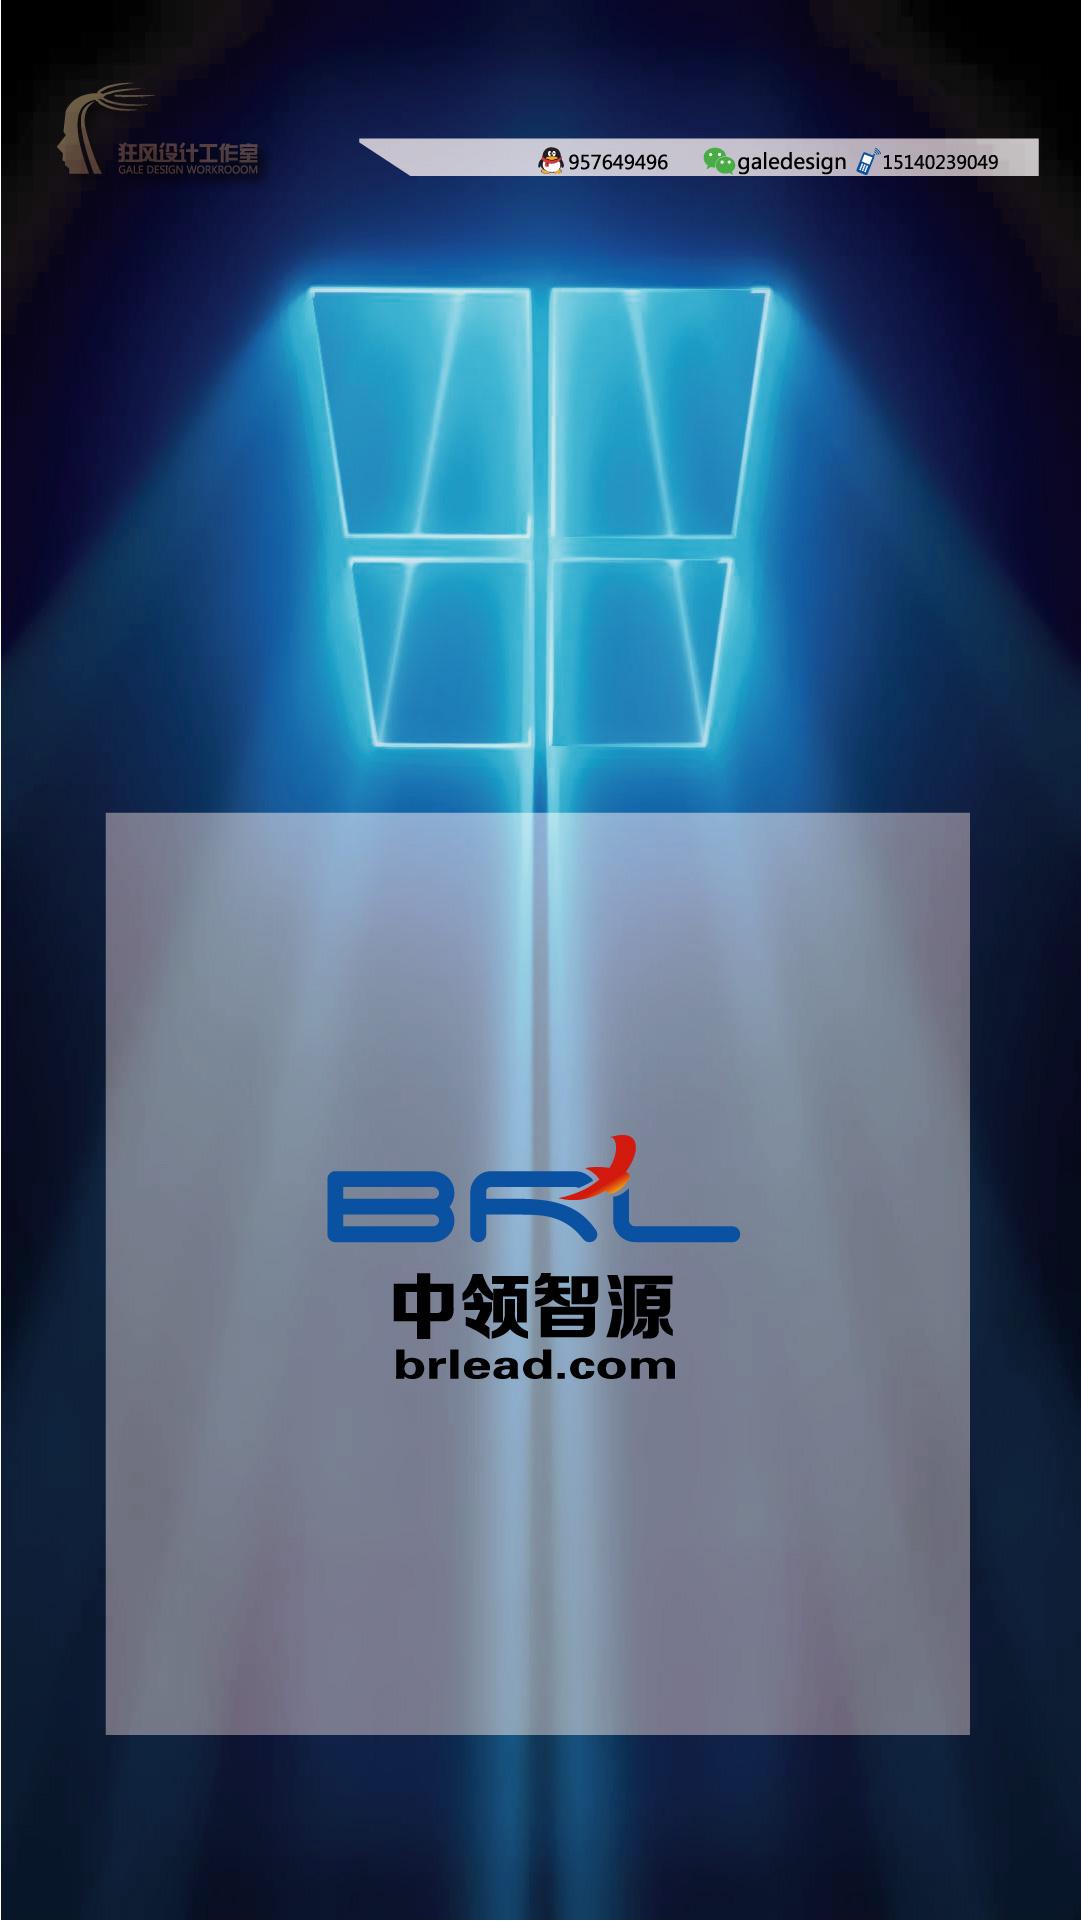 品牌顾问公司logo设计_2959885_k68威客网